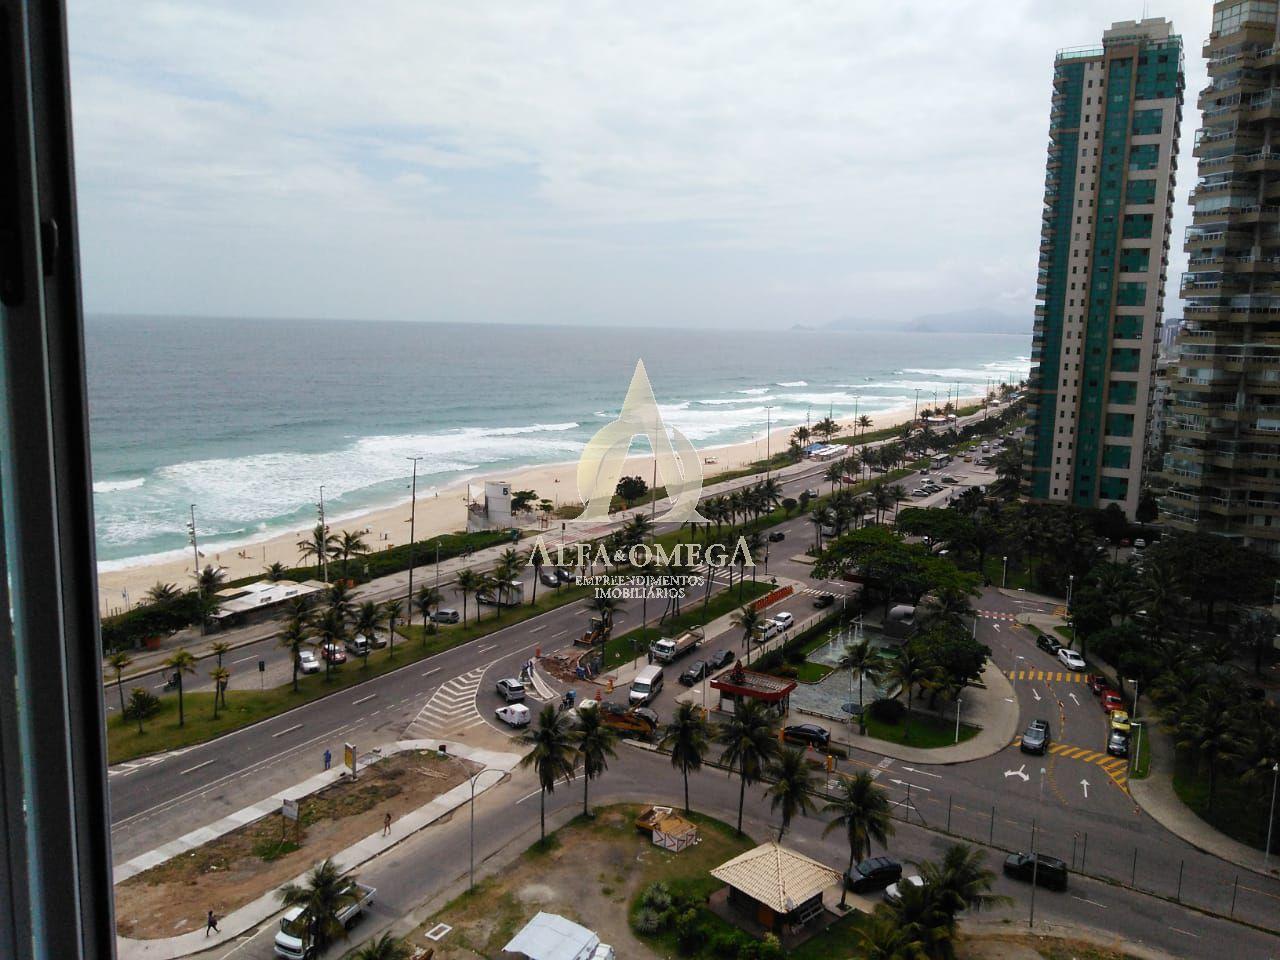 FOTO 6 - Apartamento Barra da Tijuca,Rio de Janeiro,RJ À Venda,2 Quartos,75m² - AO20380 - 6